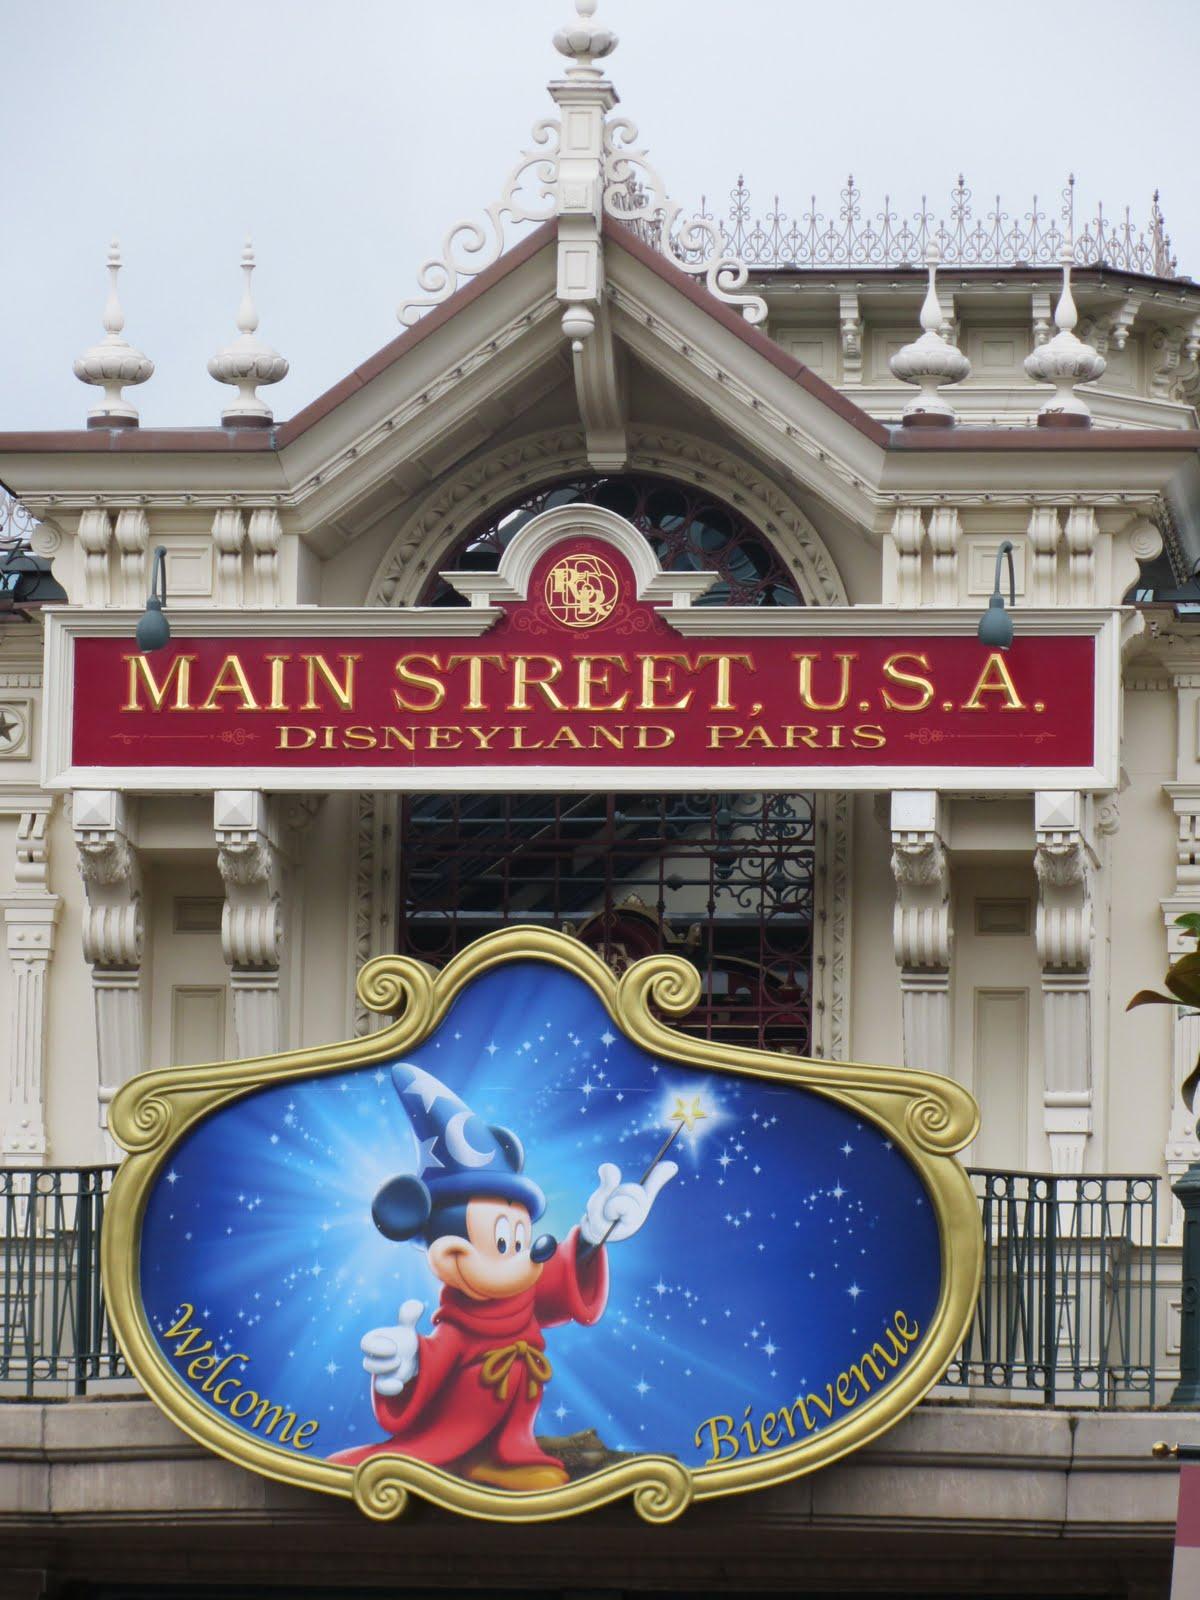 Macgrandles R US: Paris Disneyland